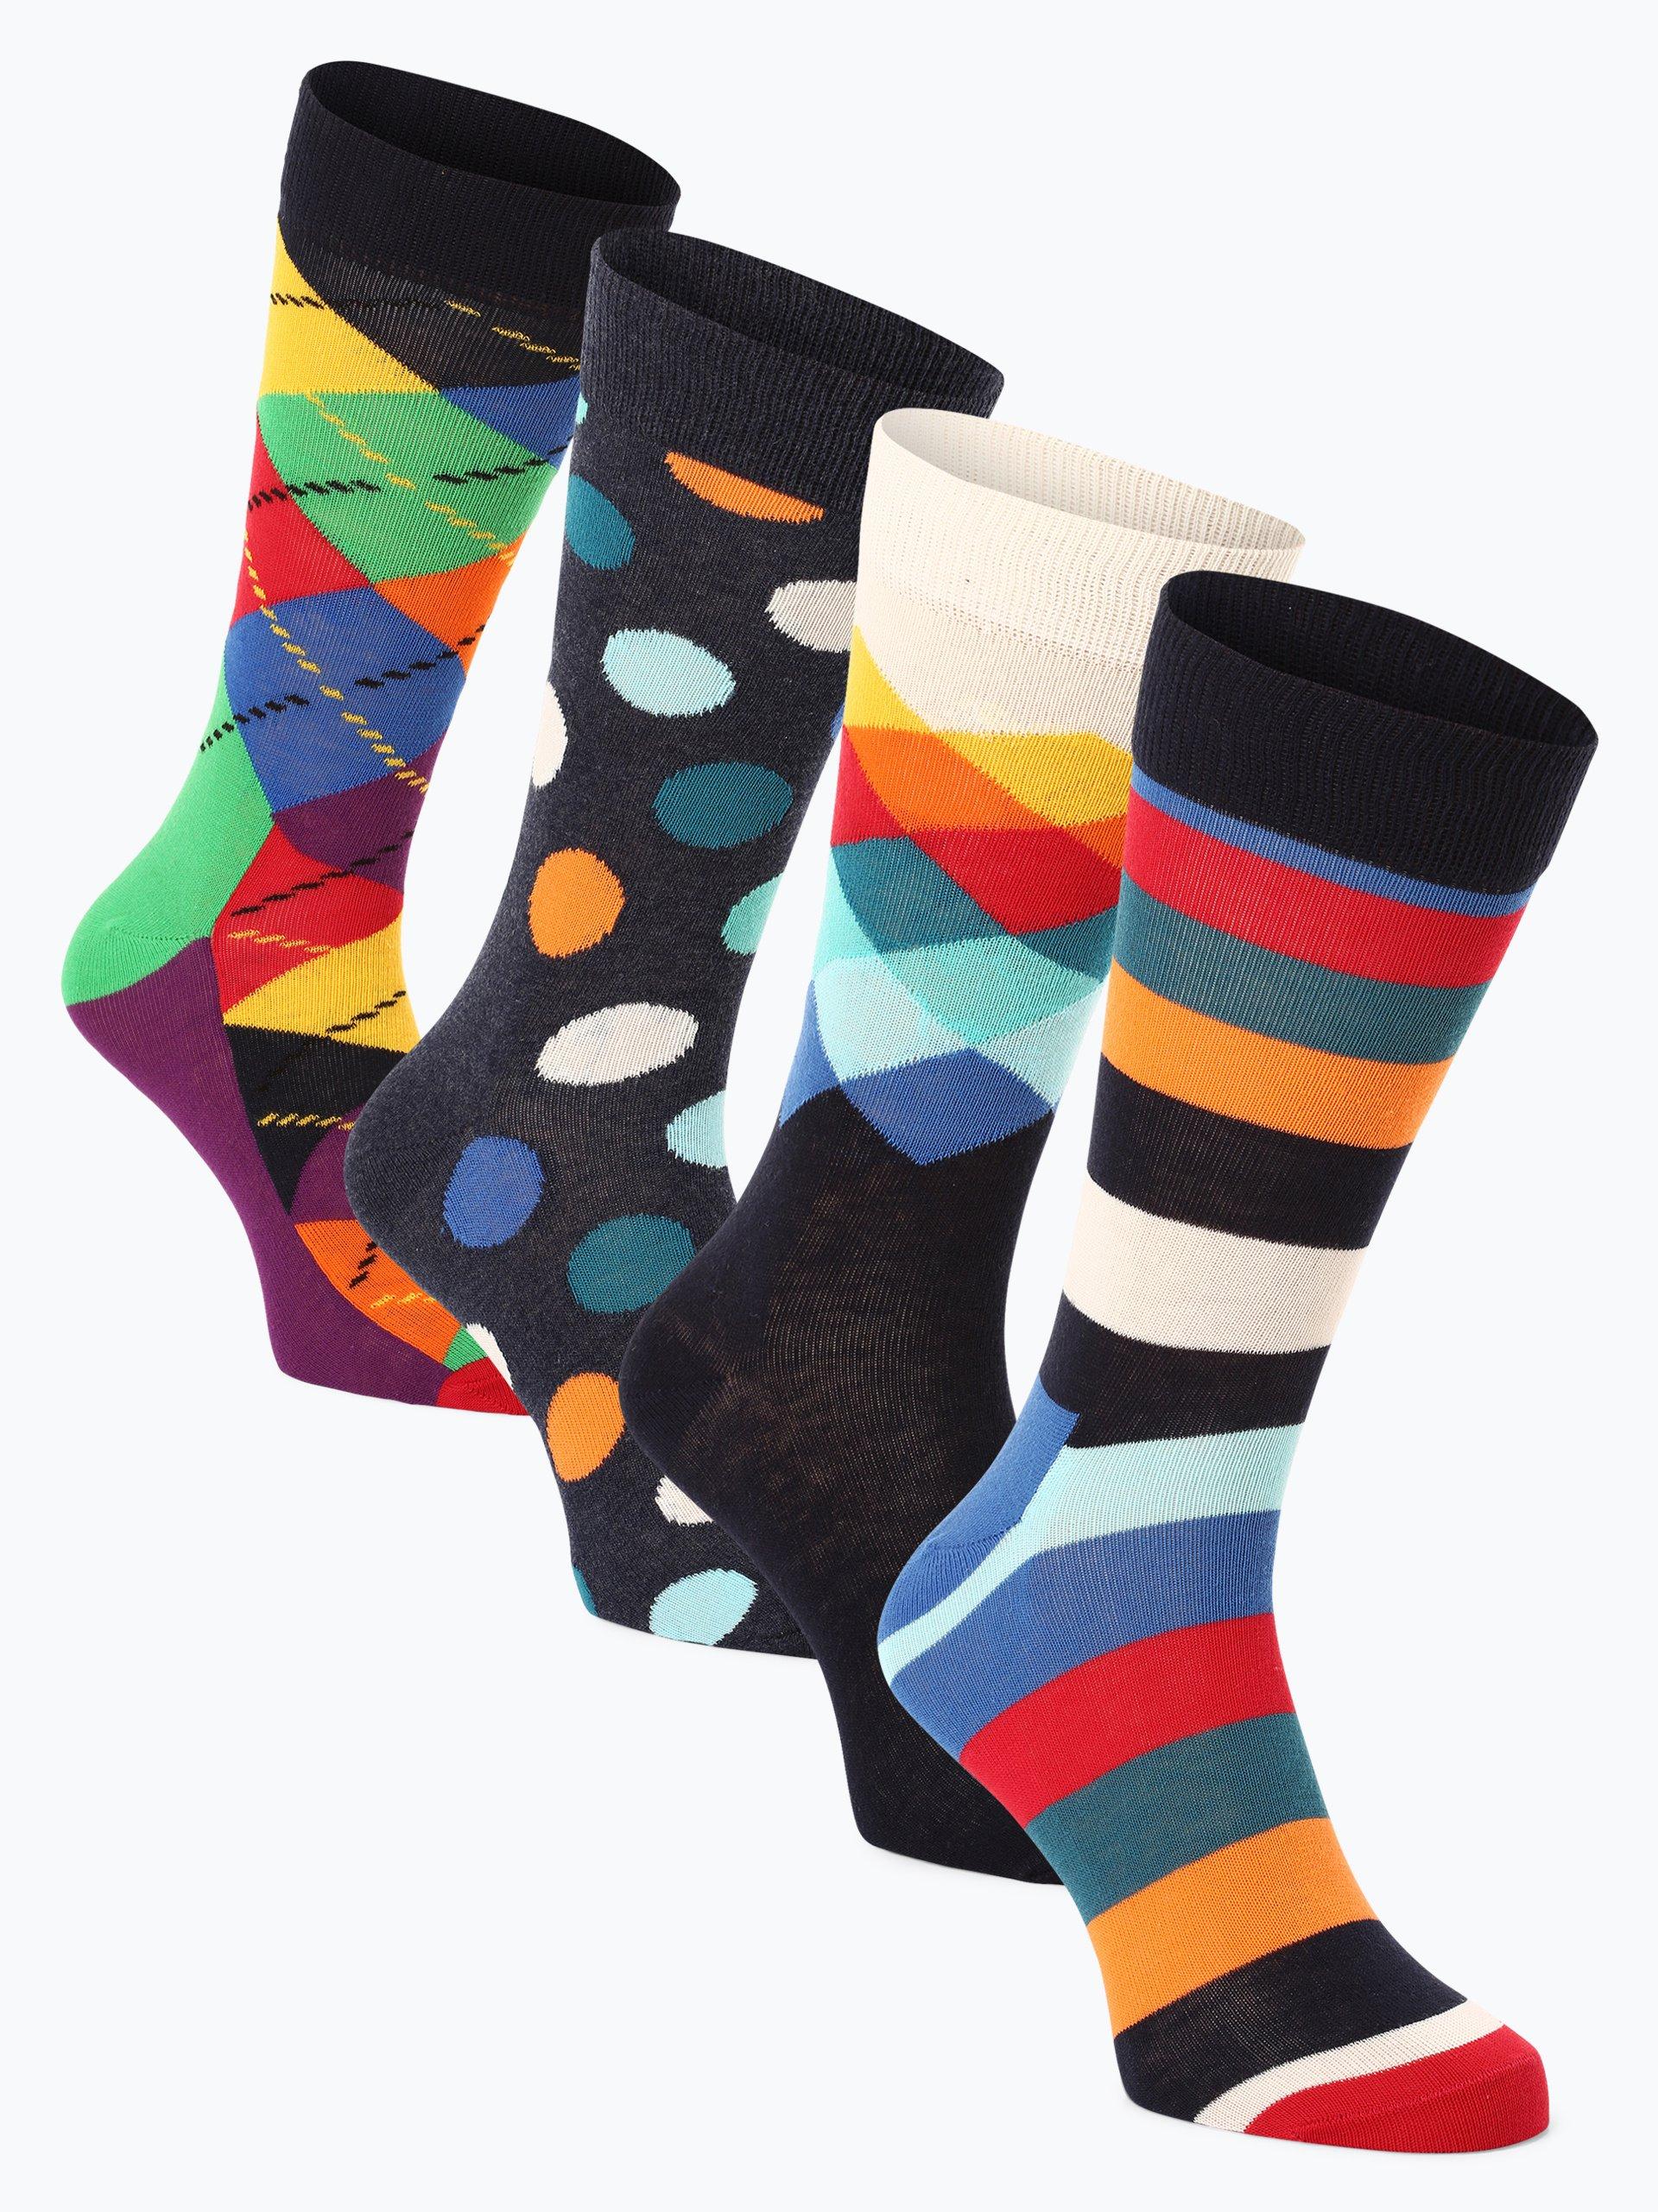 Happy Socks Skarpety męskie pakowane po 4 szt.